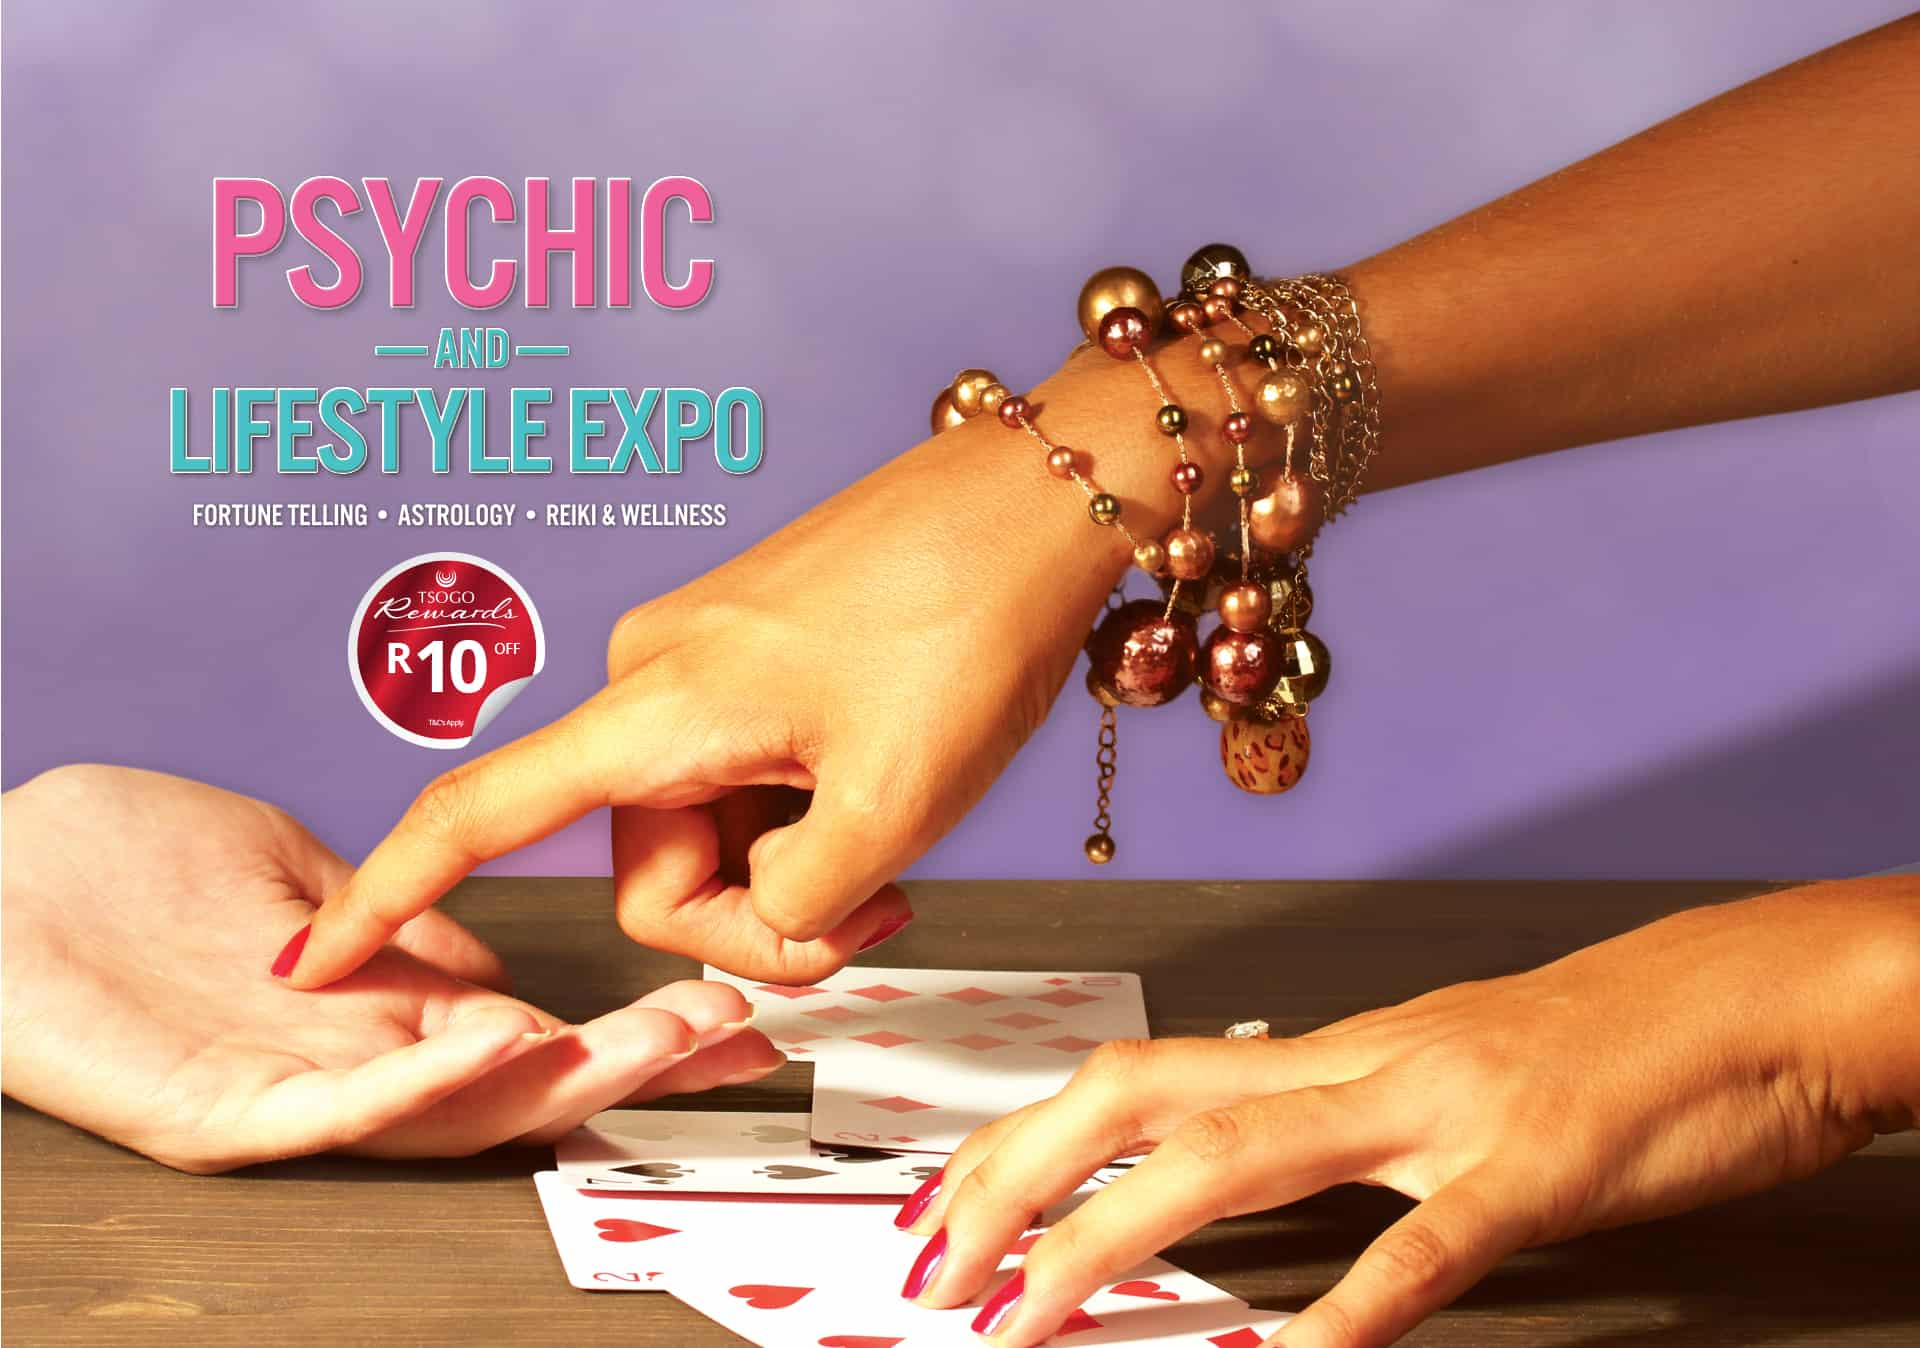 Psychic & Lifestyle Expo